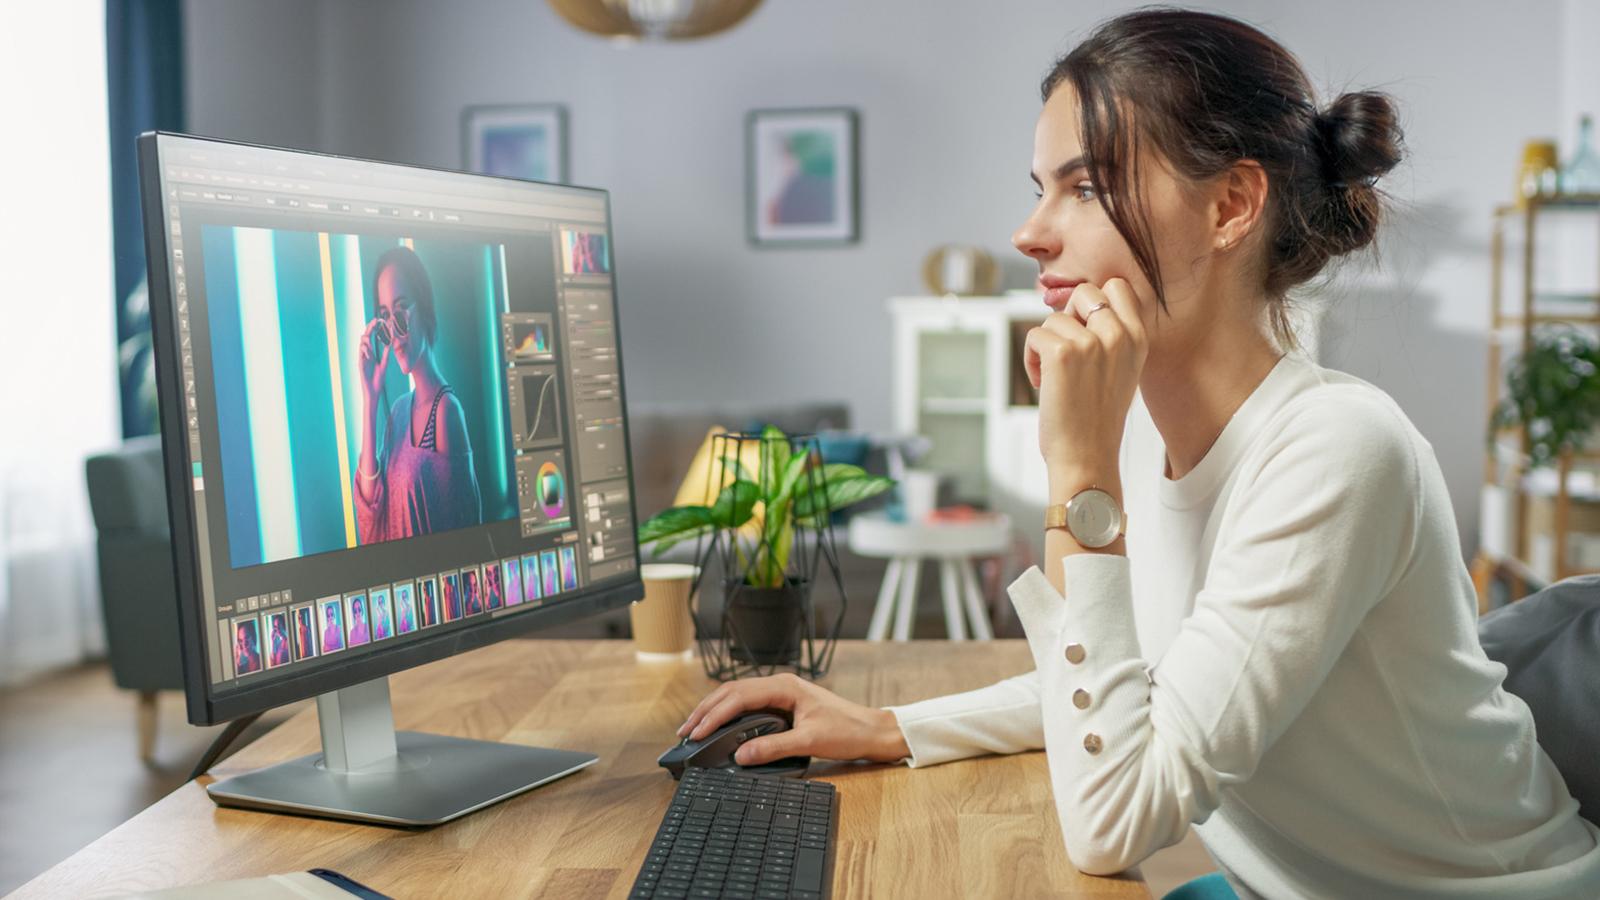 kereseti internetes hallgatók legálisan keresni az interneten